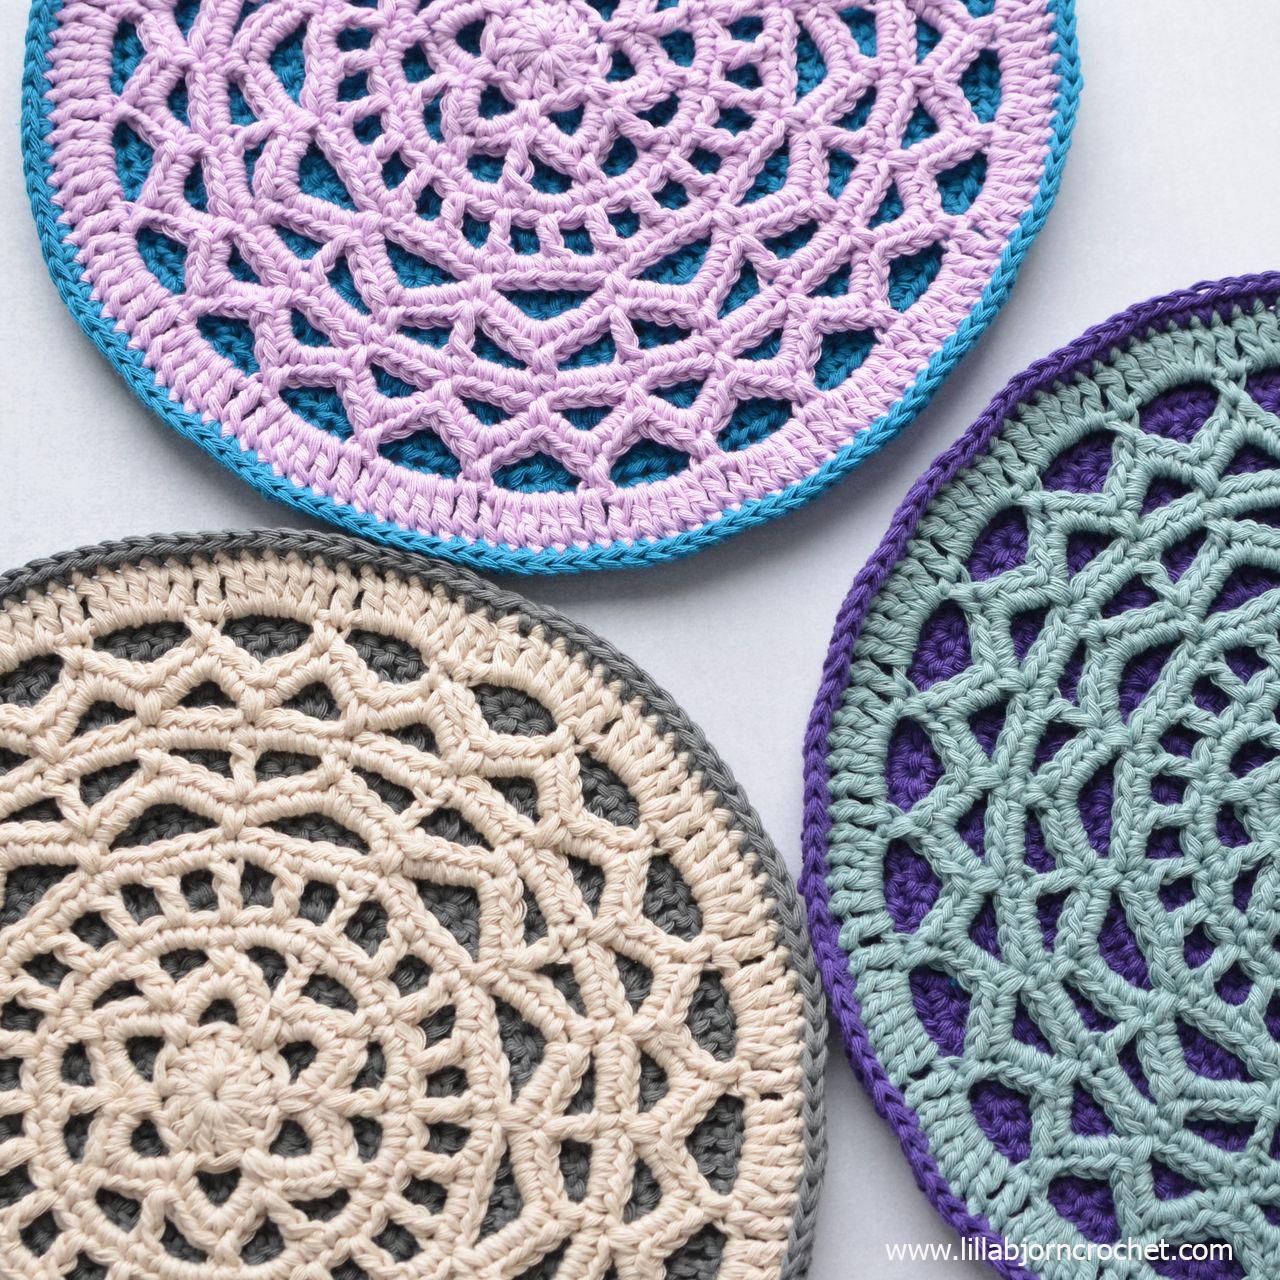 Geometric Mandala Hotpad - crochet pattern by www.lillabjorncrochet.com